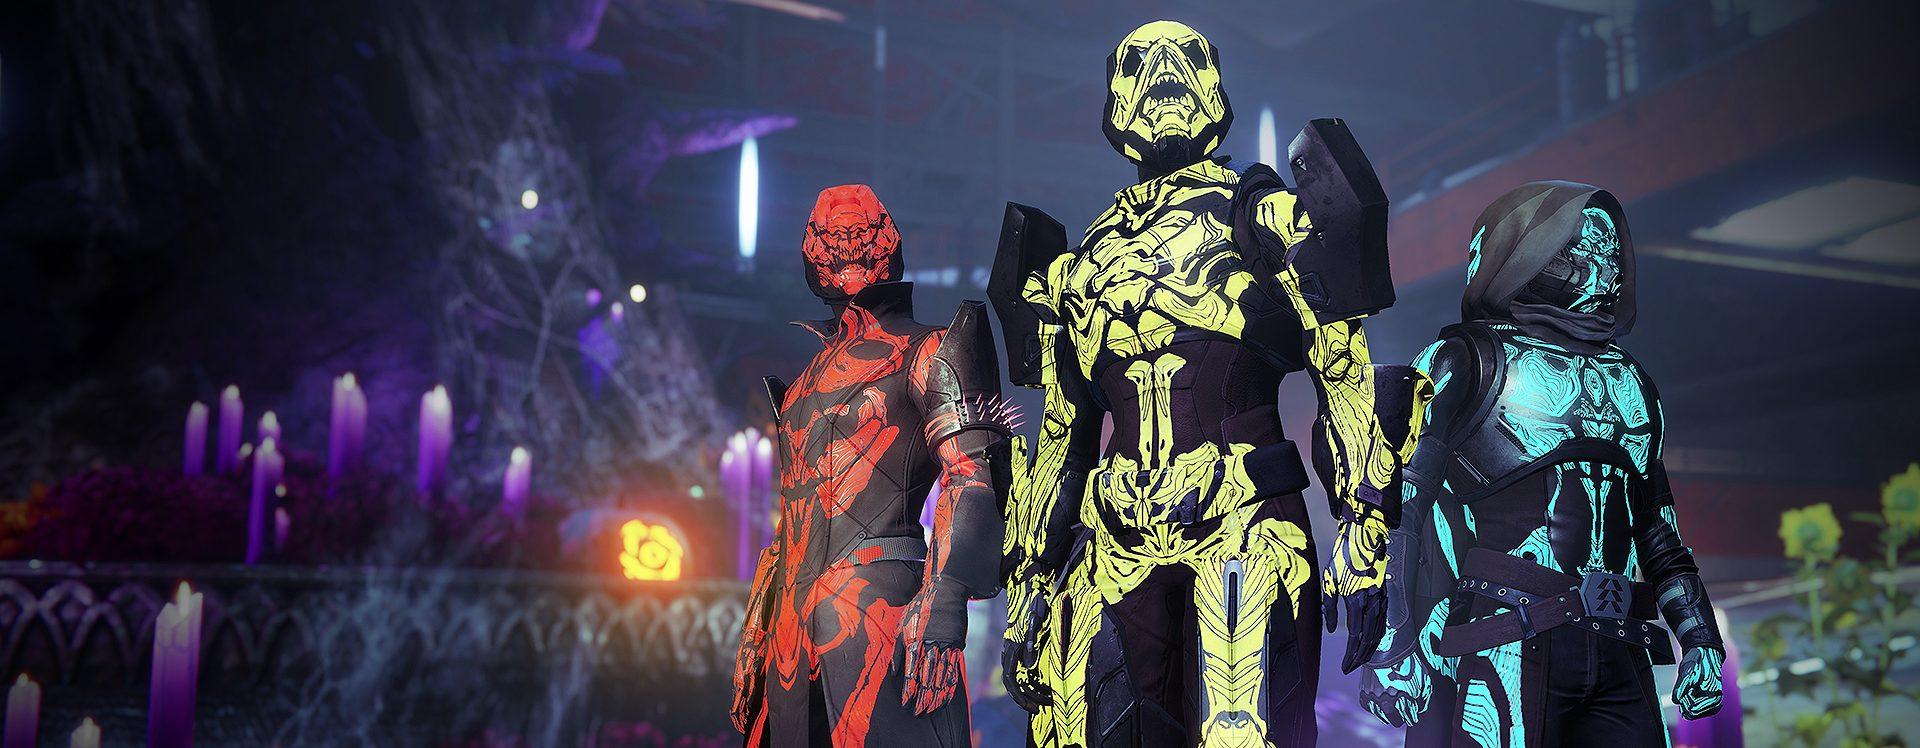 Destiny 2: Viele bekommen geheimen Festival-Triumph, doch keiner weiß, warum